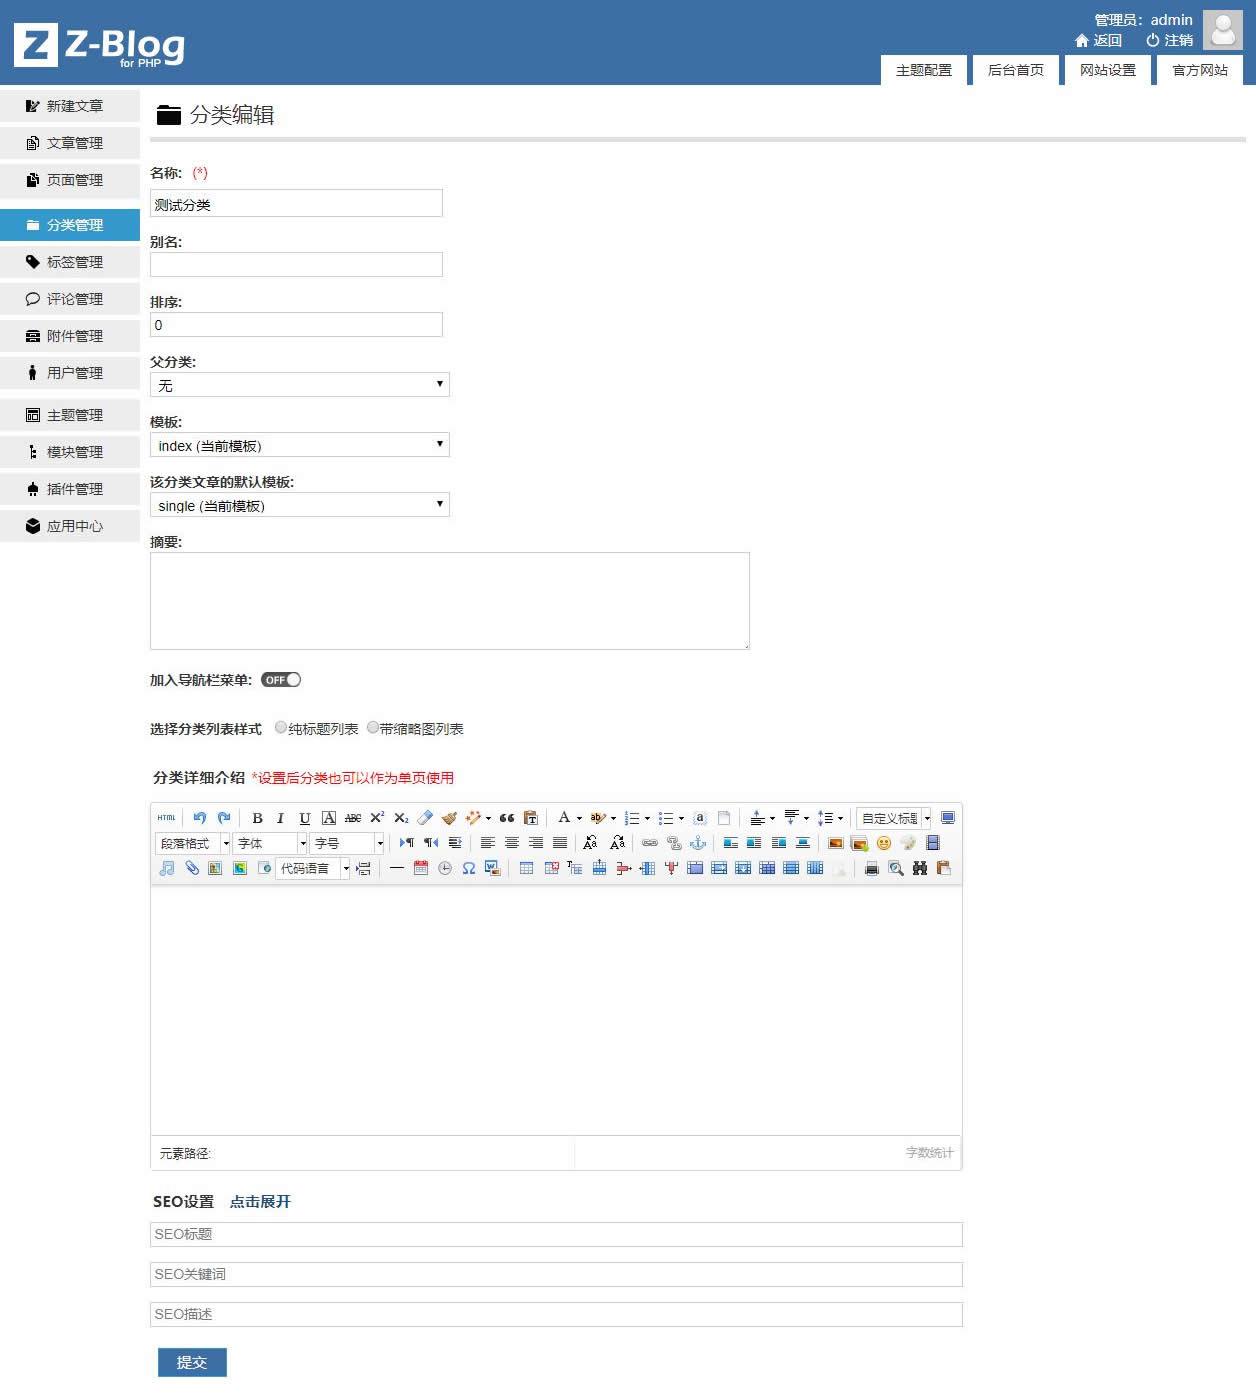 Z blogPHP单页网站模板|产品营销单页|单品推广 产品营销 百度单页 商品单页 单页网站 Z blogPHP Z blogPHP  第3张